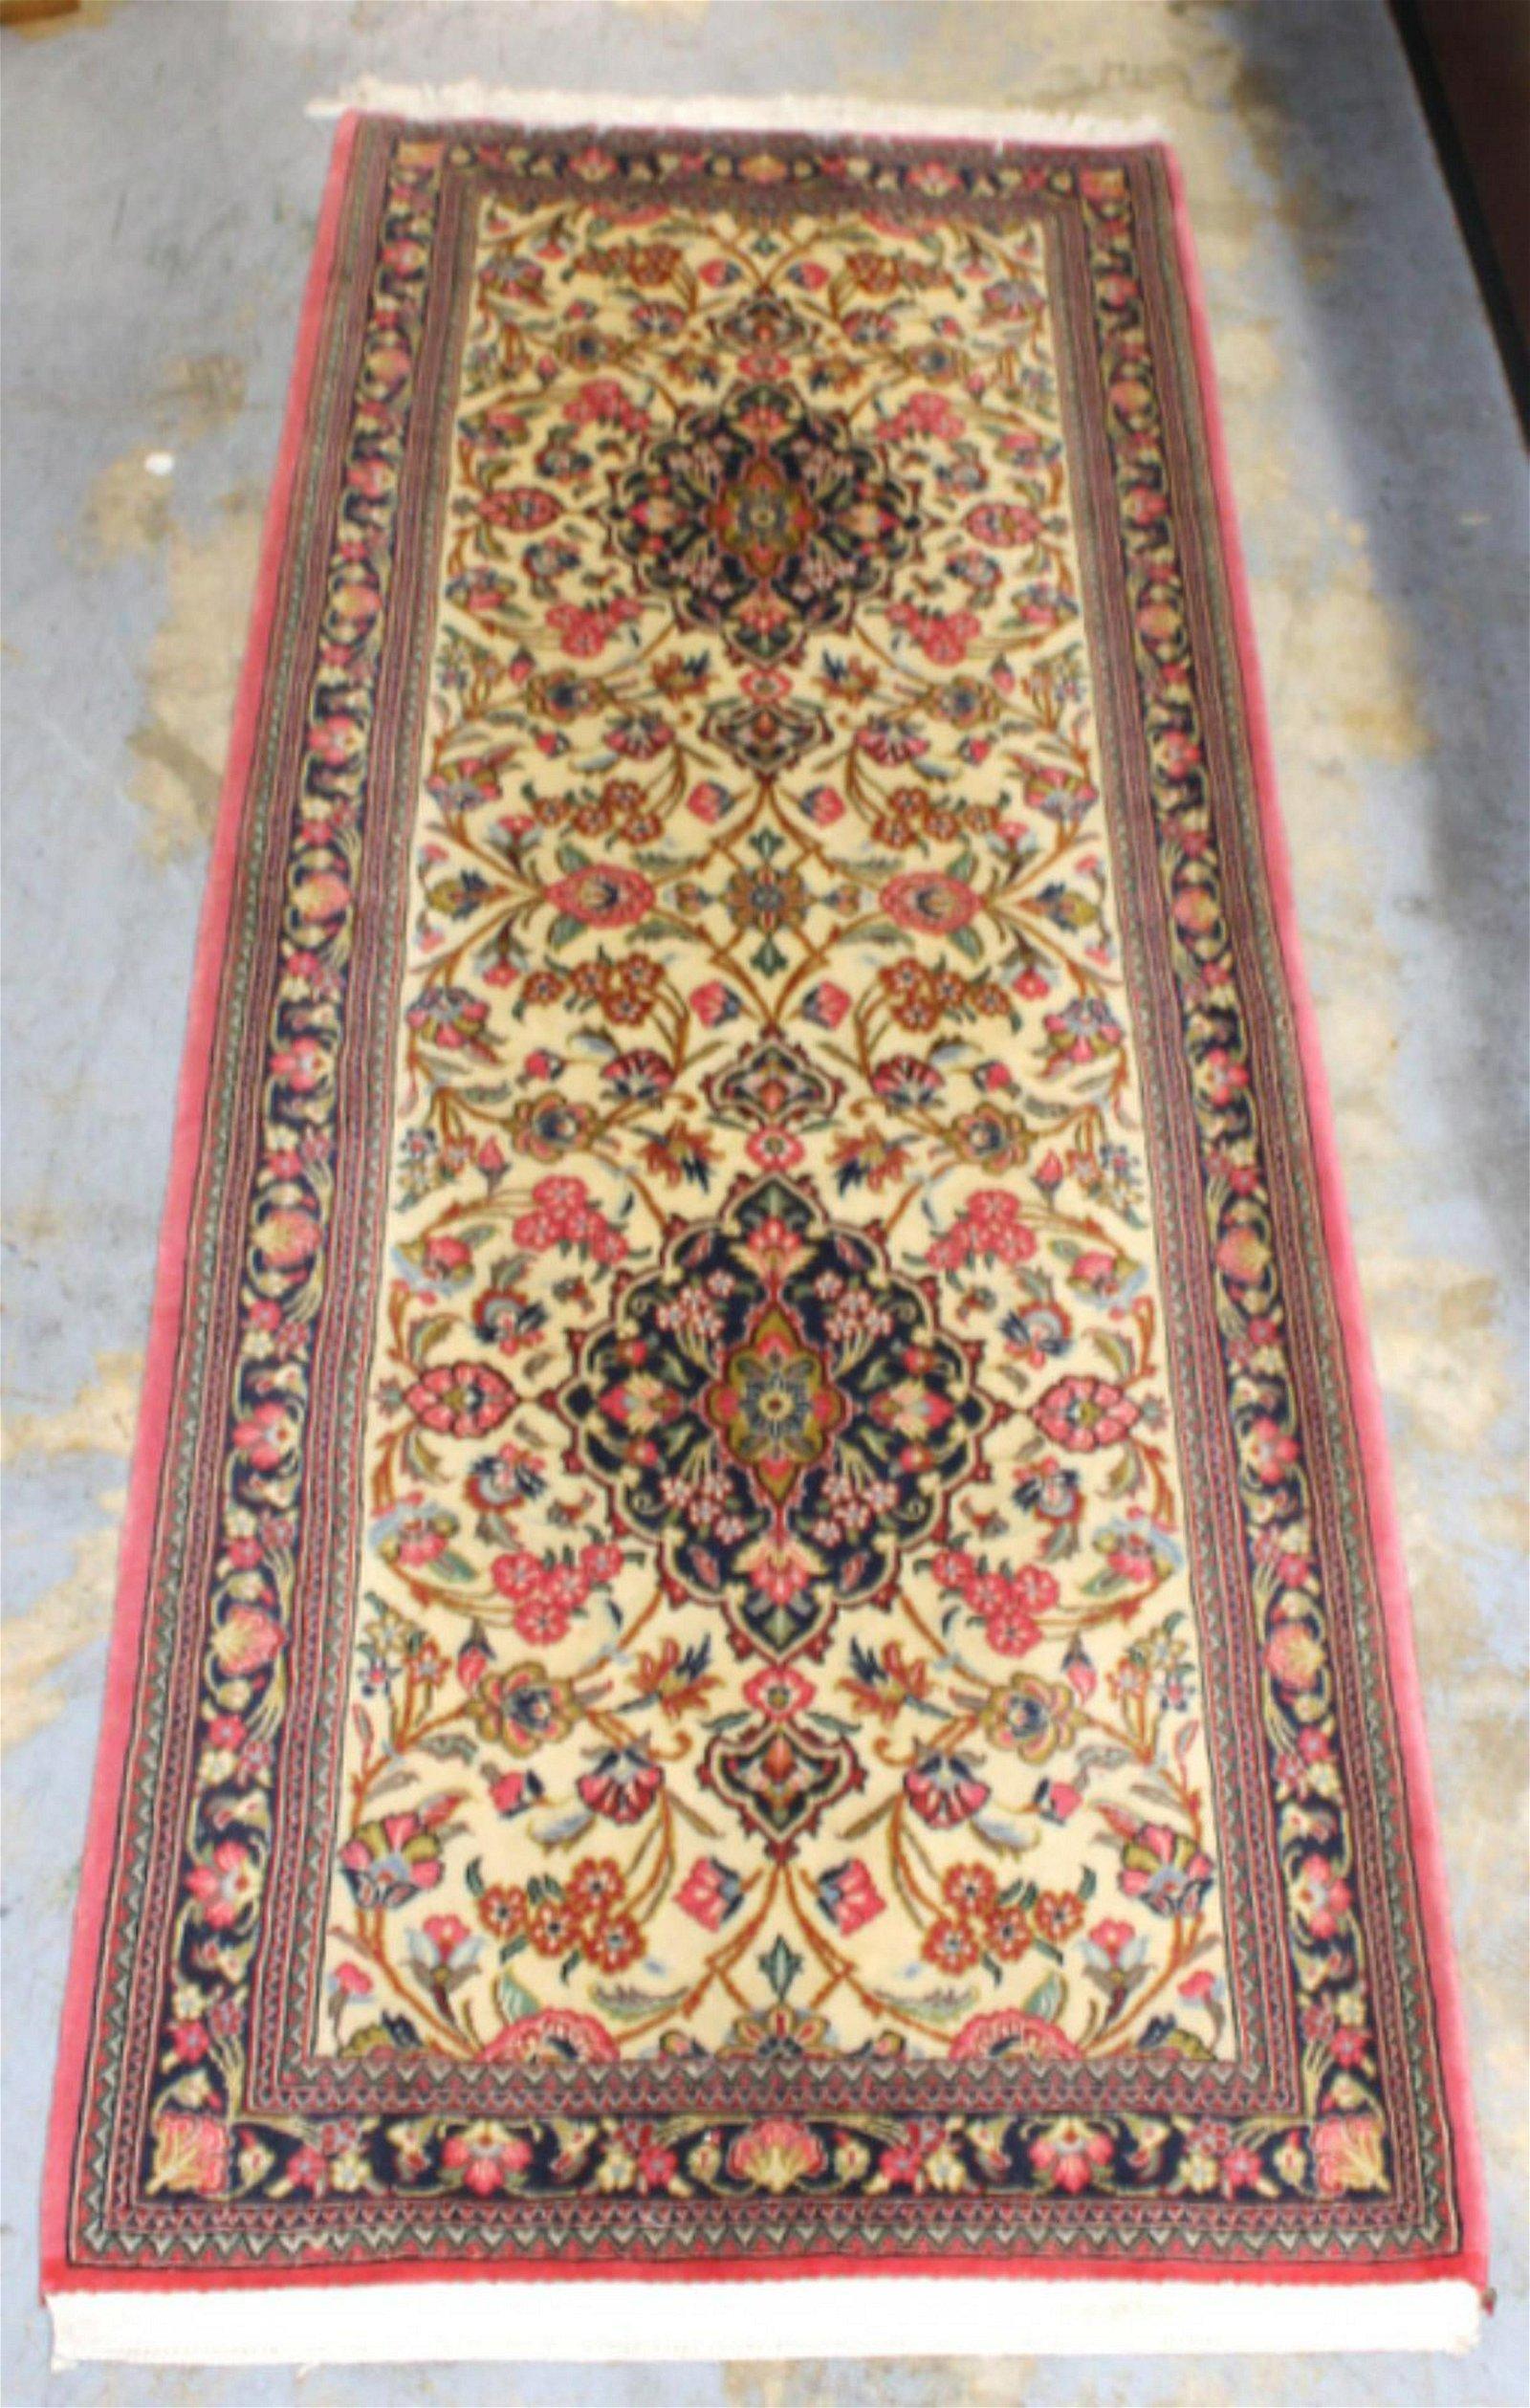 Antique Persian Tabiz Rug